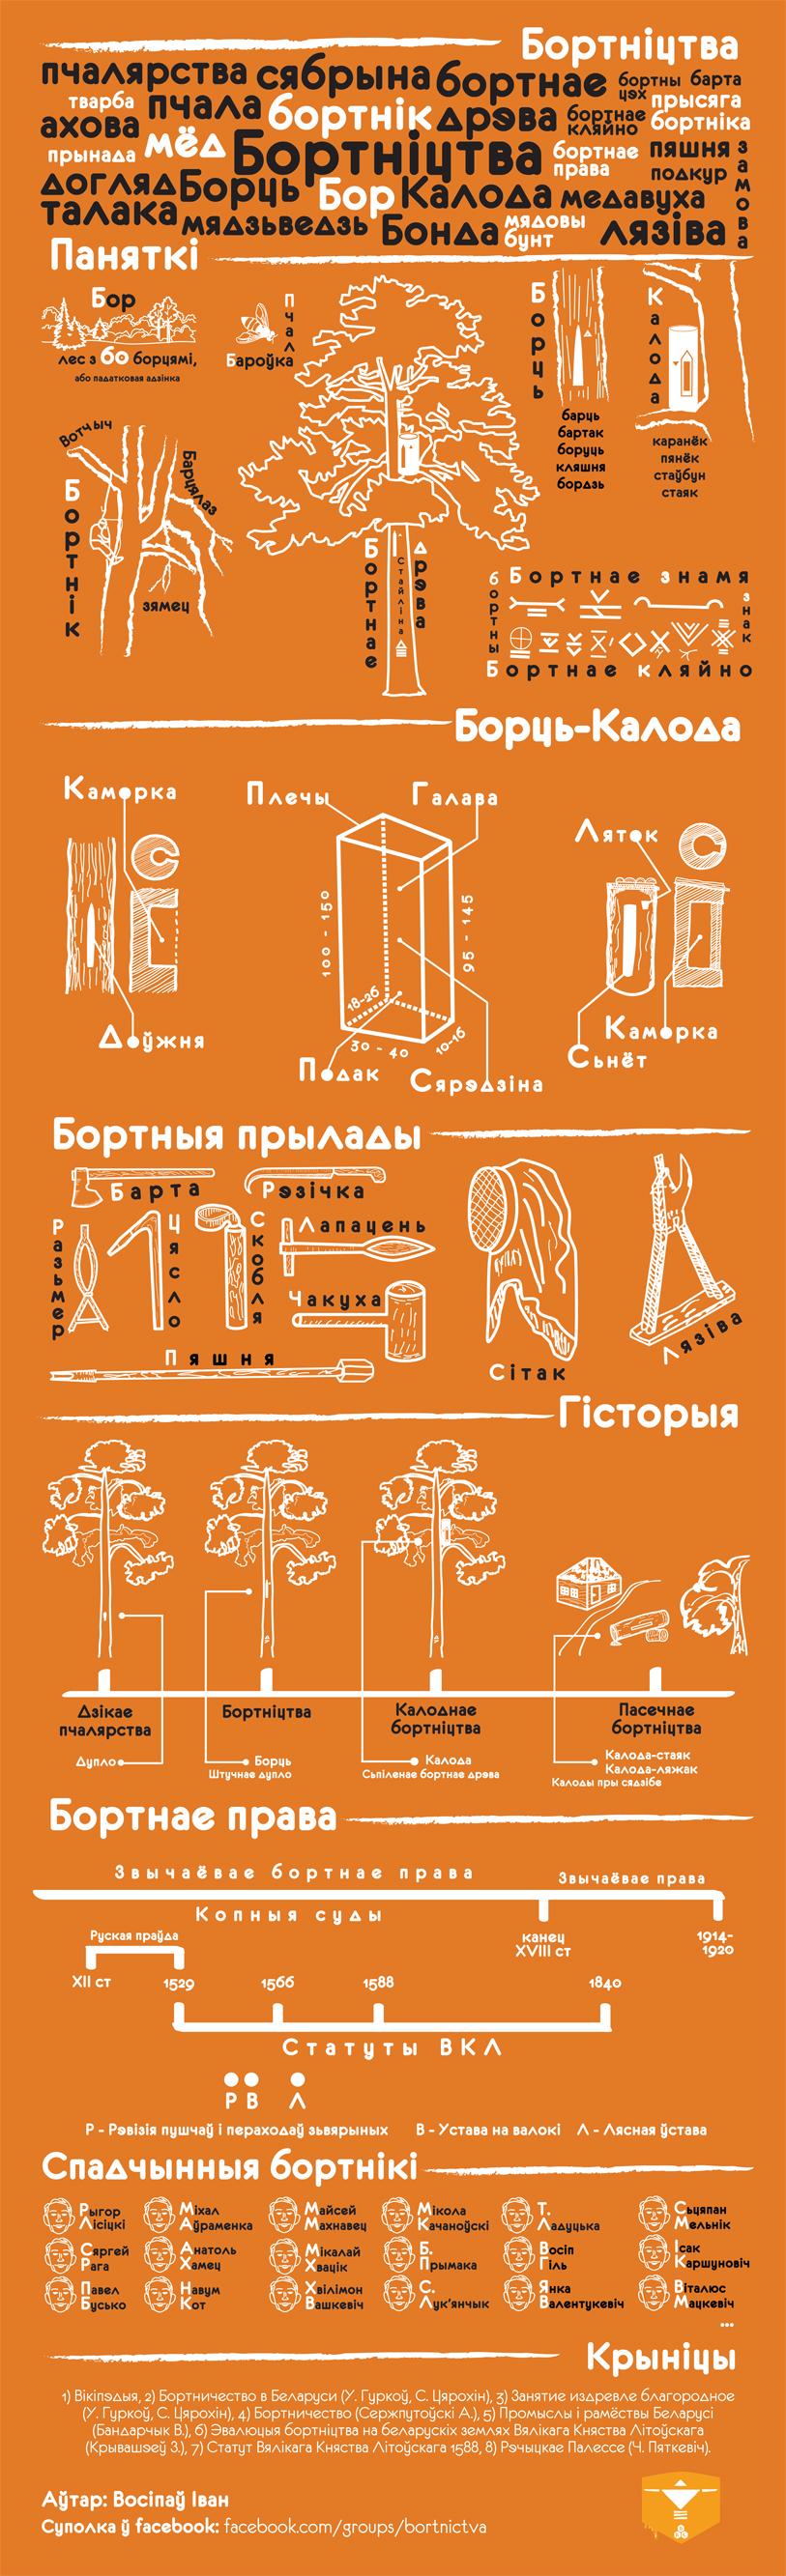 Infographics Bortnictva u Bielarusi